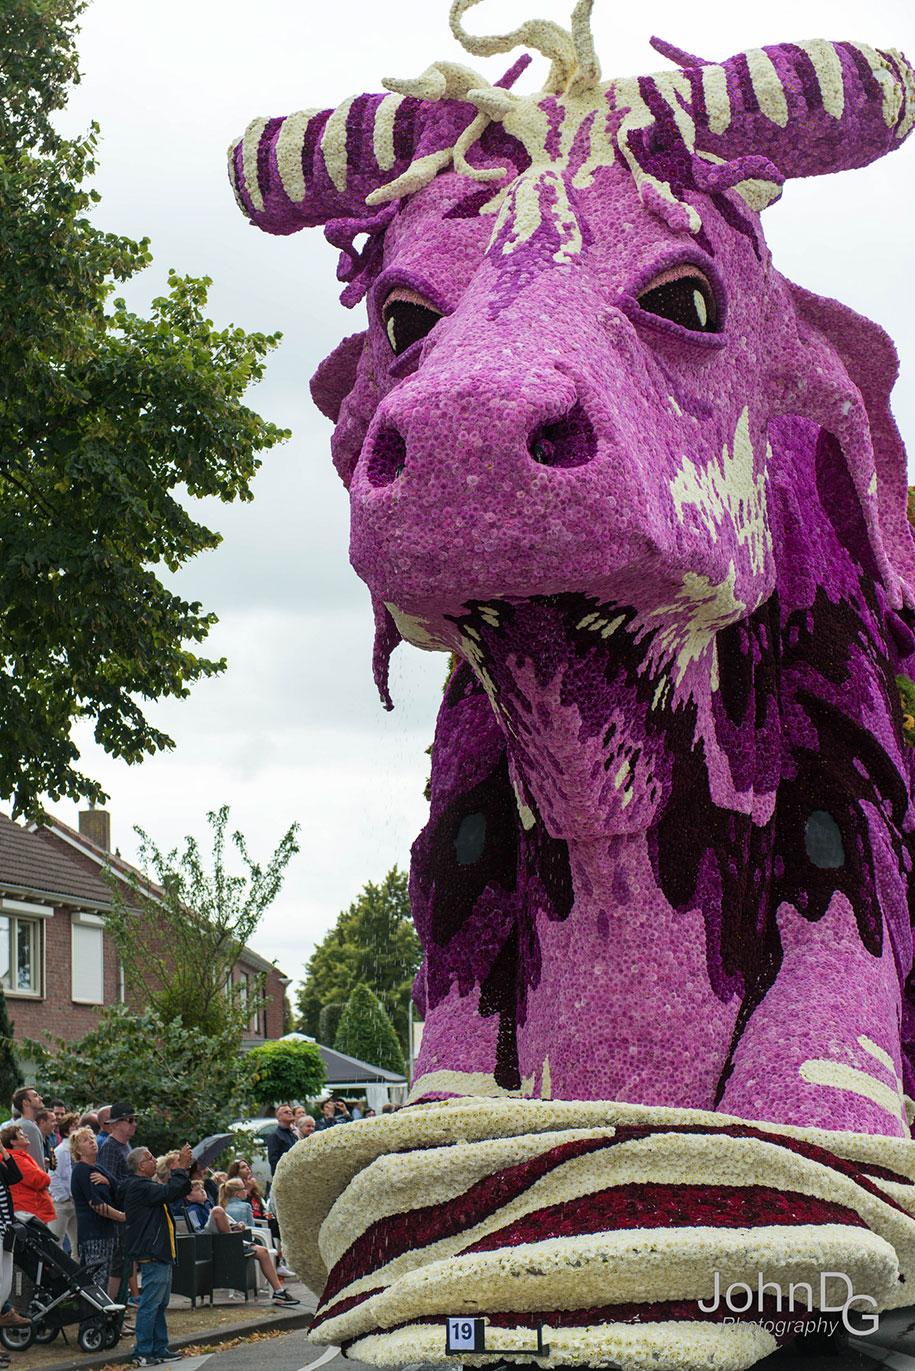 giant-flower-sculpture-parade-corso-zundert-2016-netherlands-11